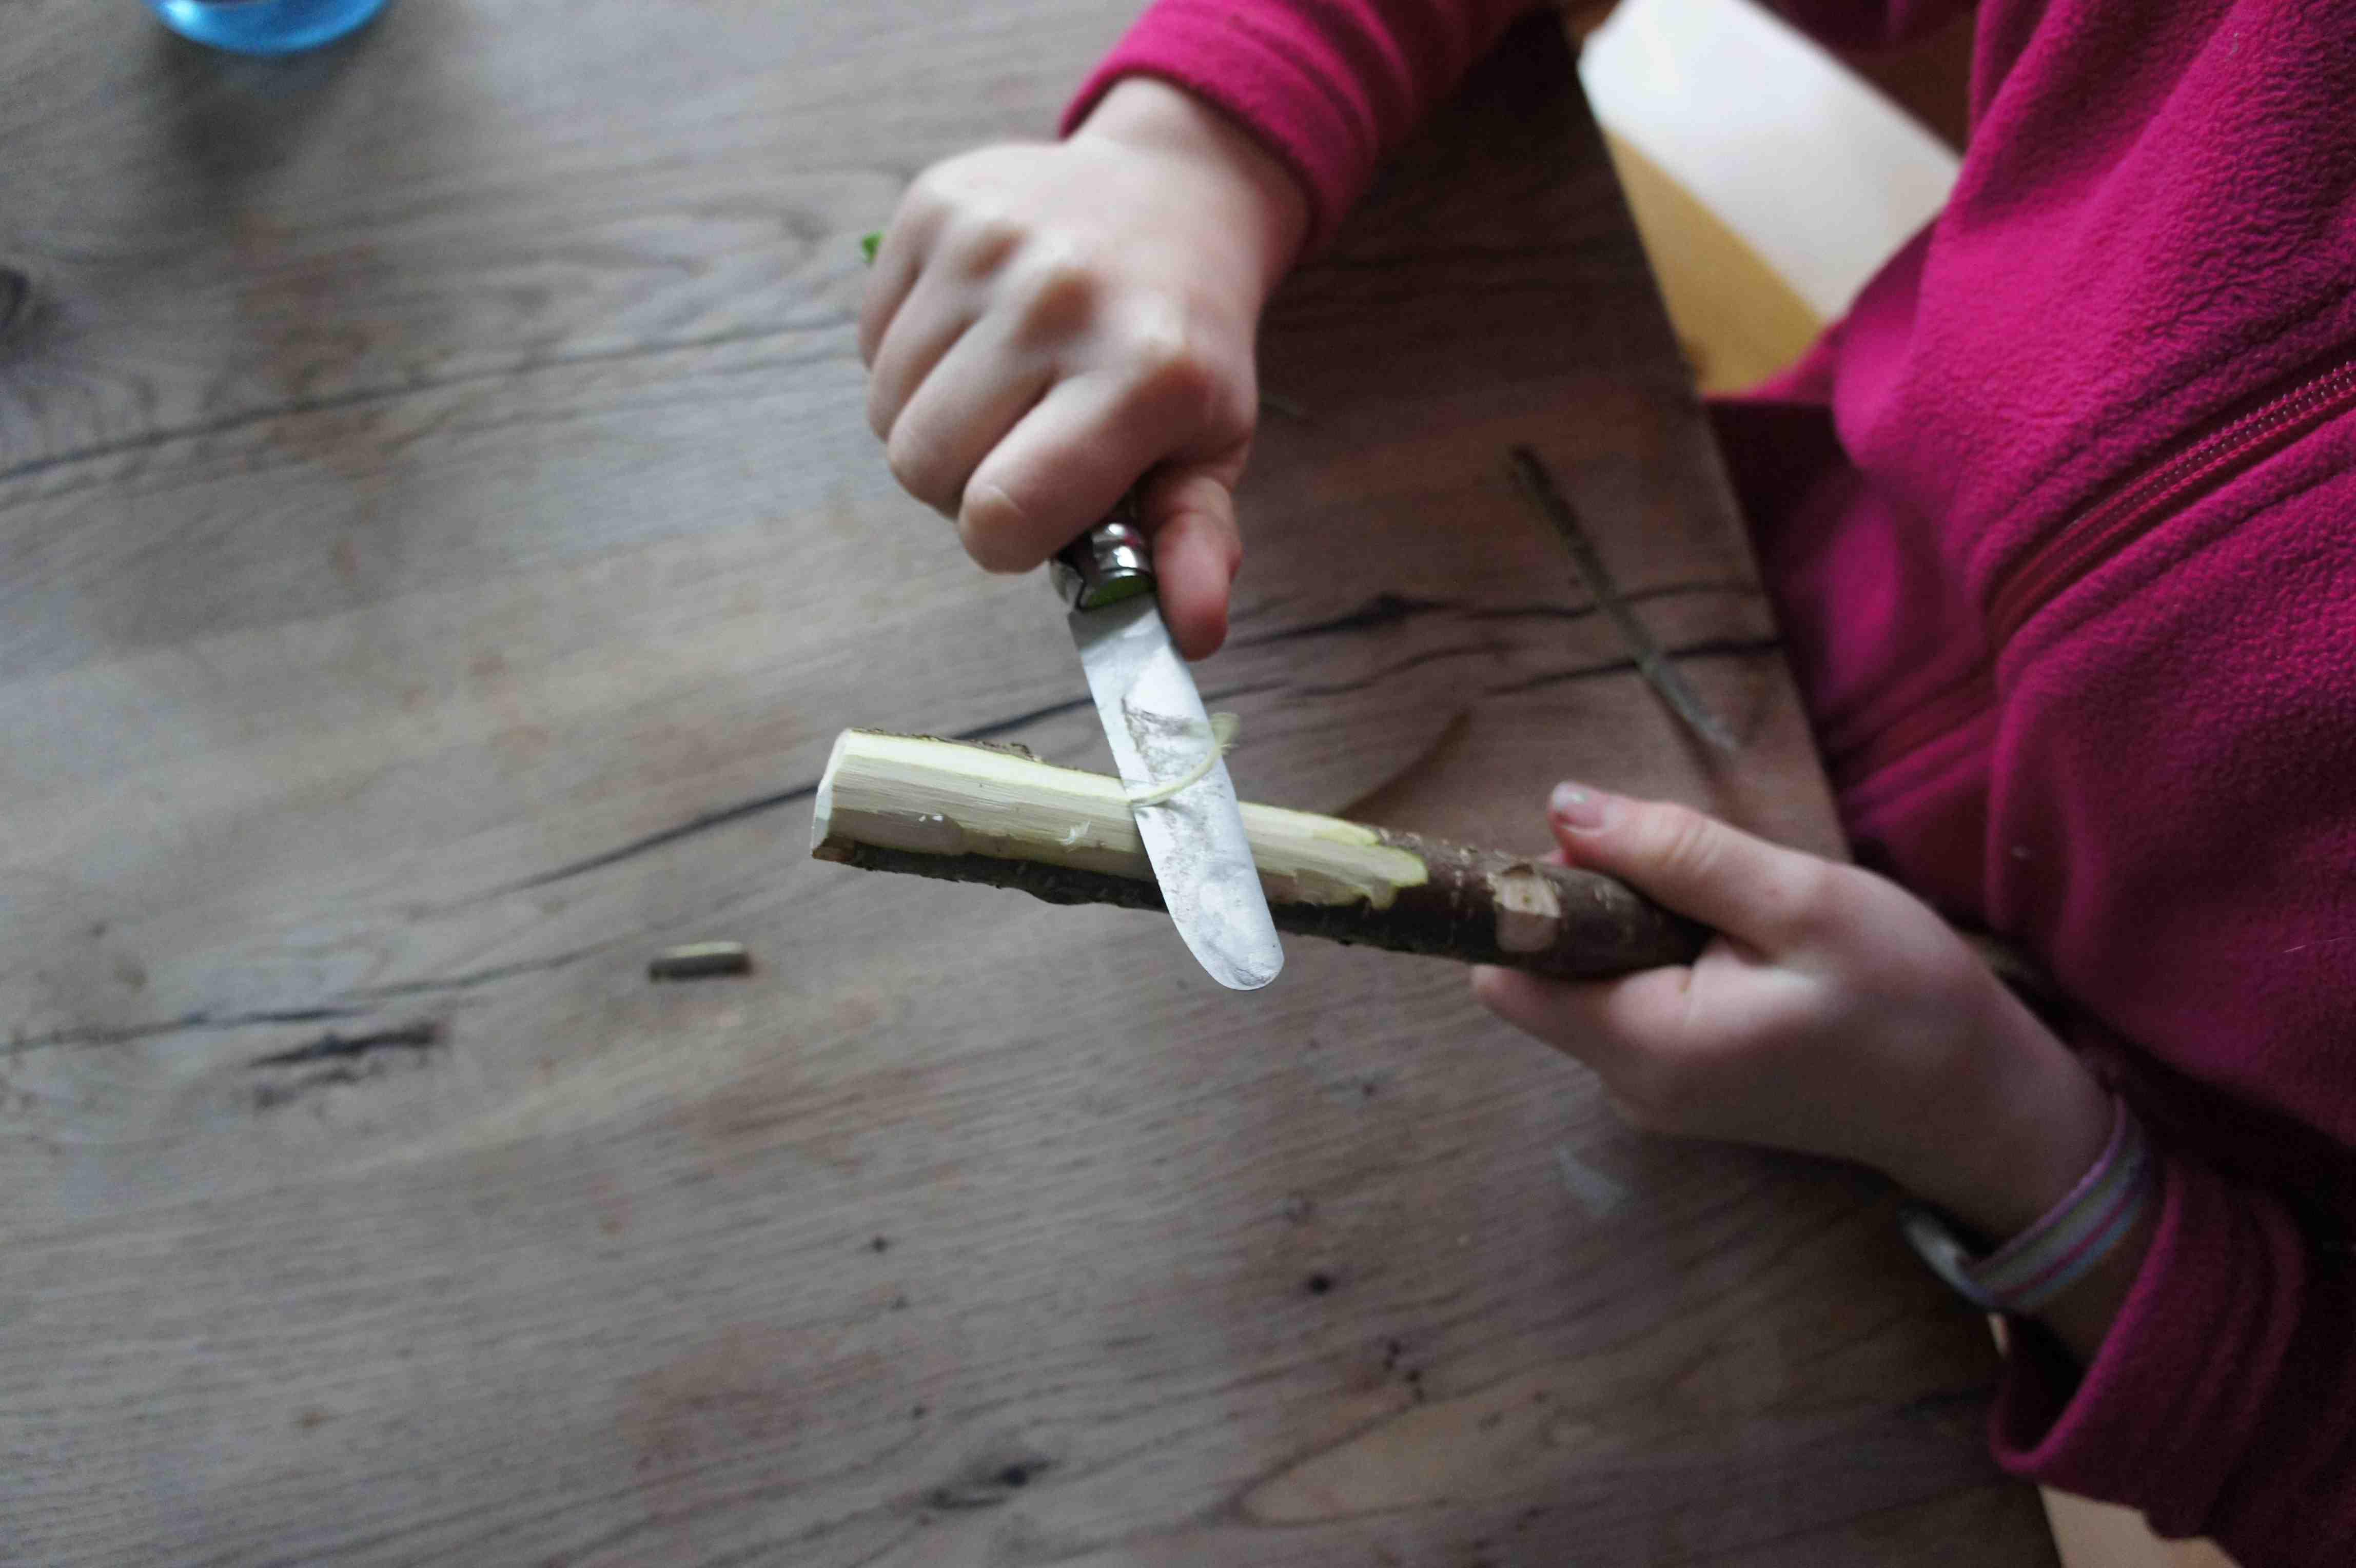 Beim Entrinden achtet bitte darauf, dass die Kinder das Messer weg vom Körper bewegen.   Foto: (c) Kinderoutdoor.de